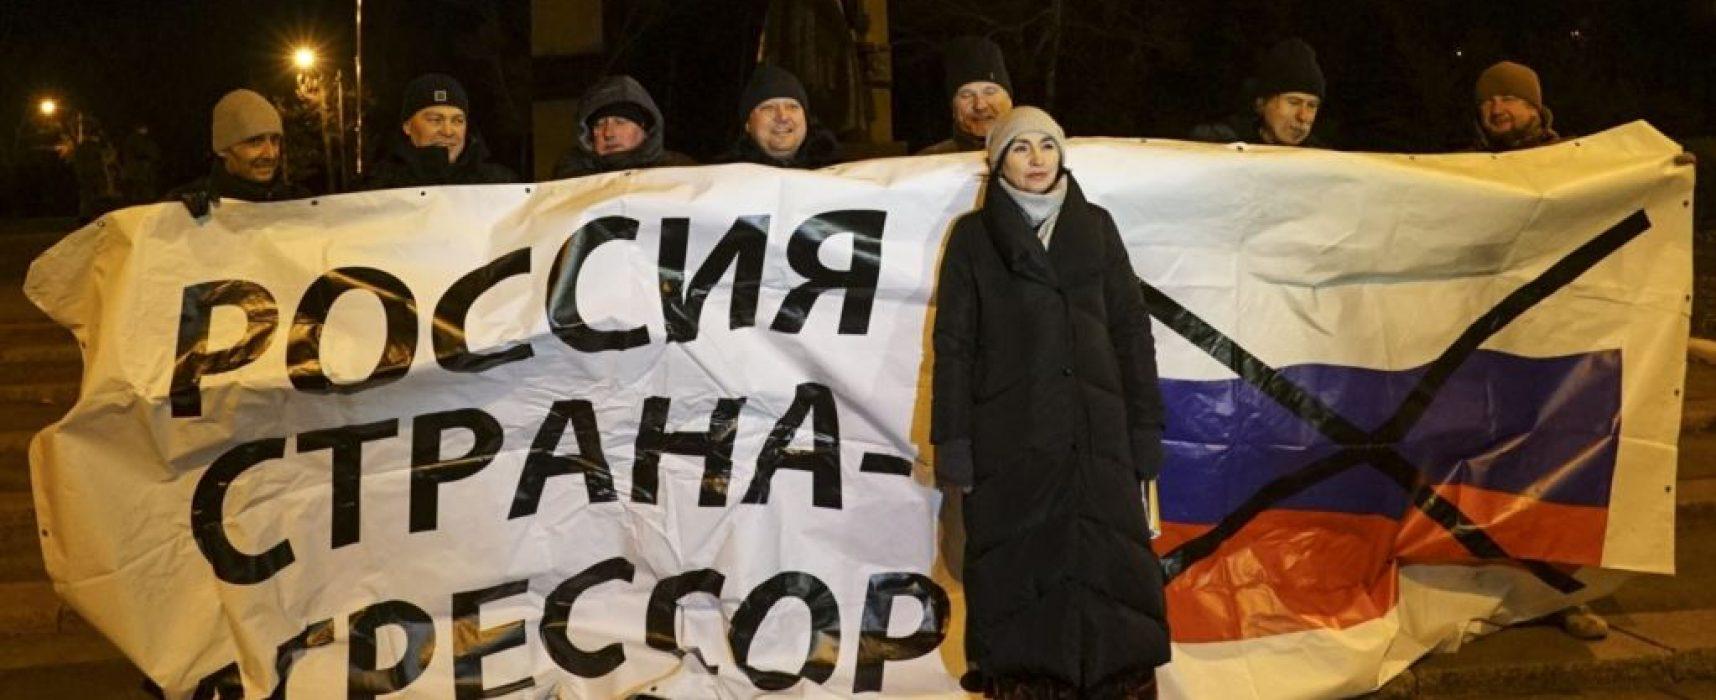 Anatomy of a Russian media escalation